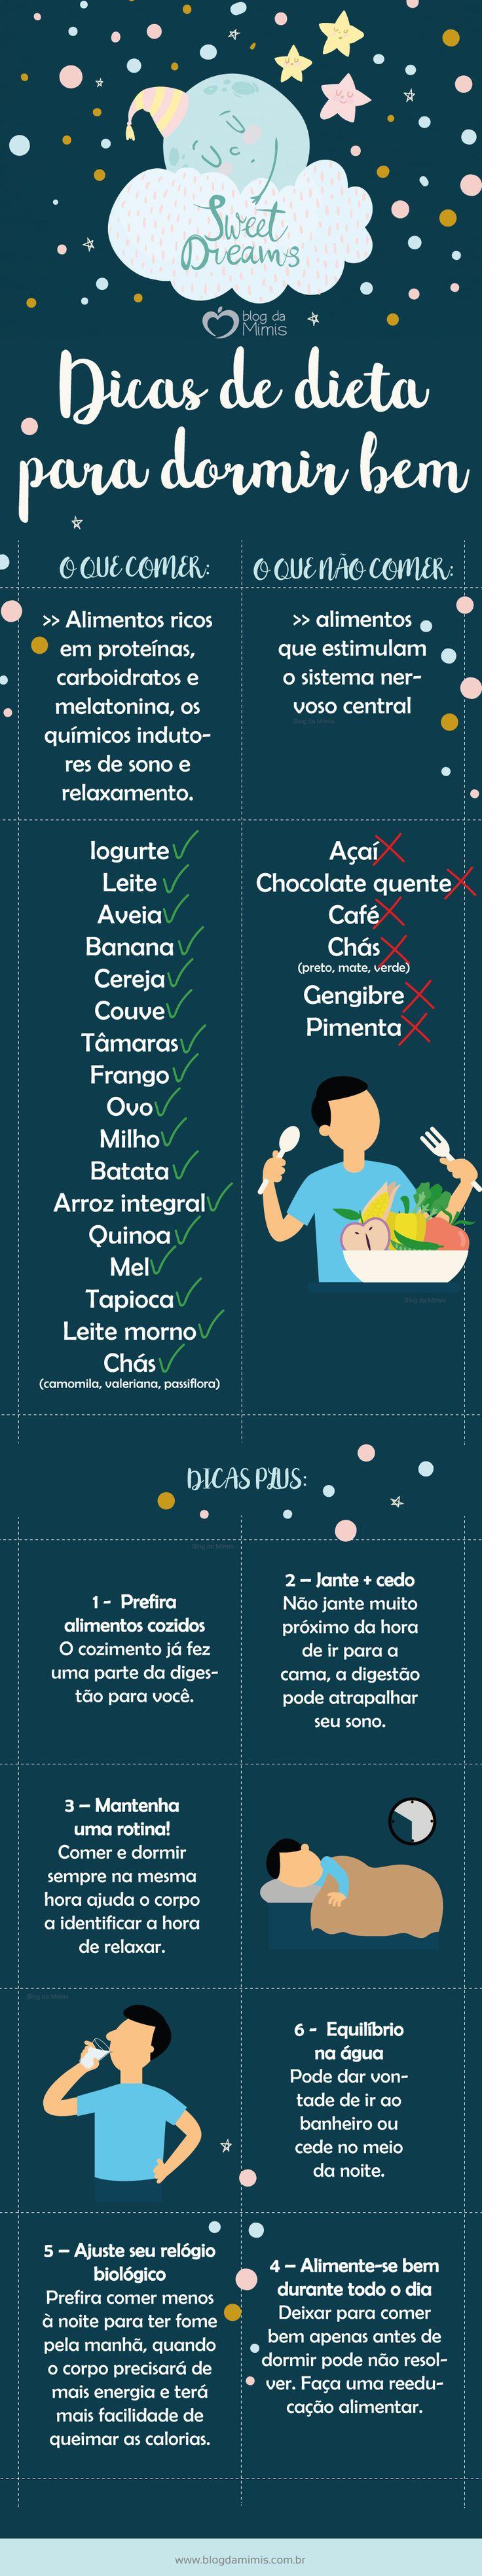 Dicas de dieta para dormir bem - Blog da Mimis #sono #dormir #dieta #blogdamimis #infográfico